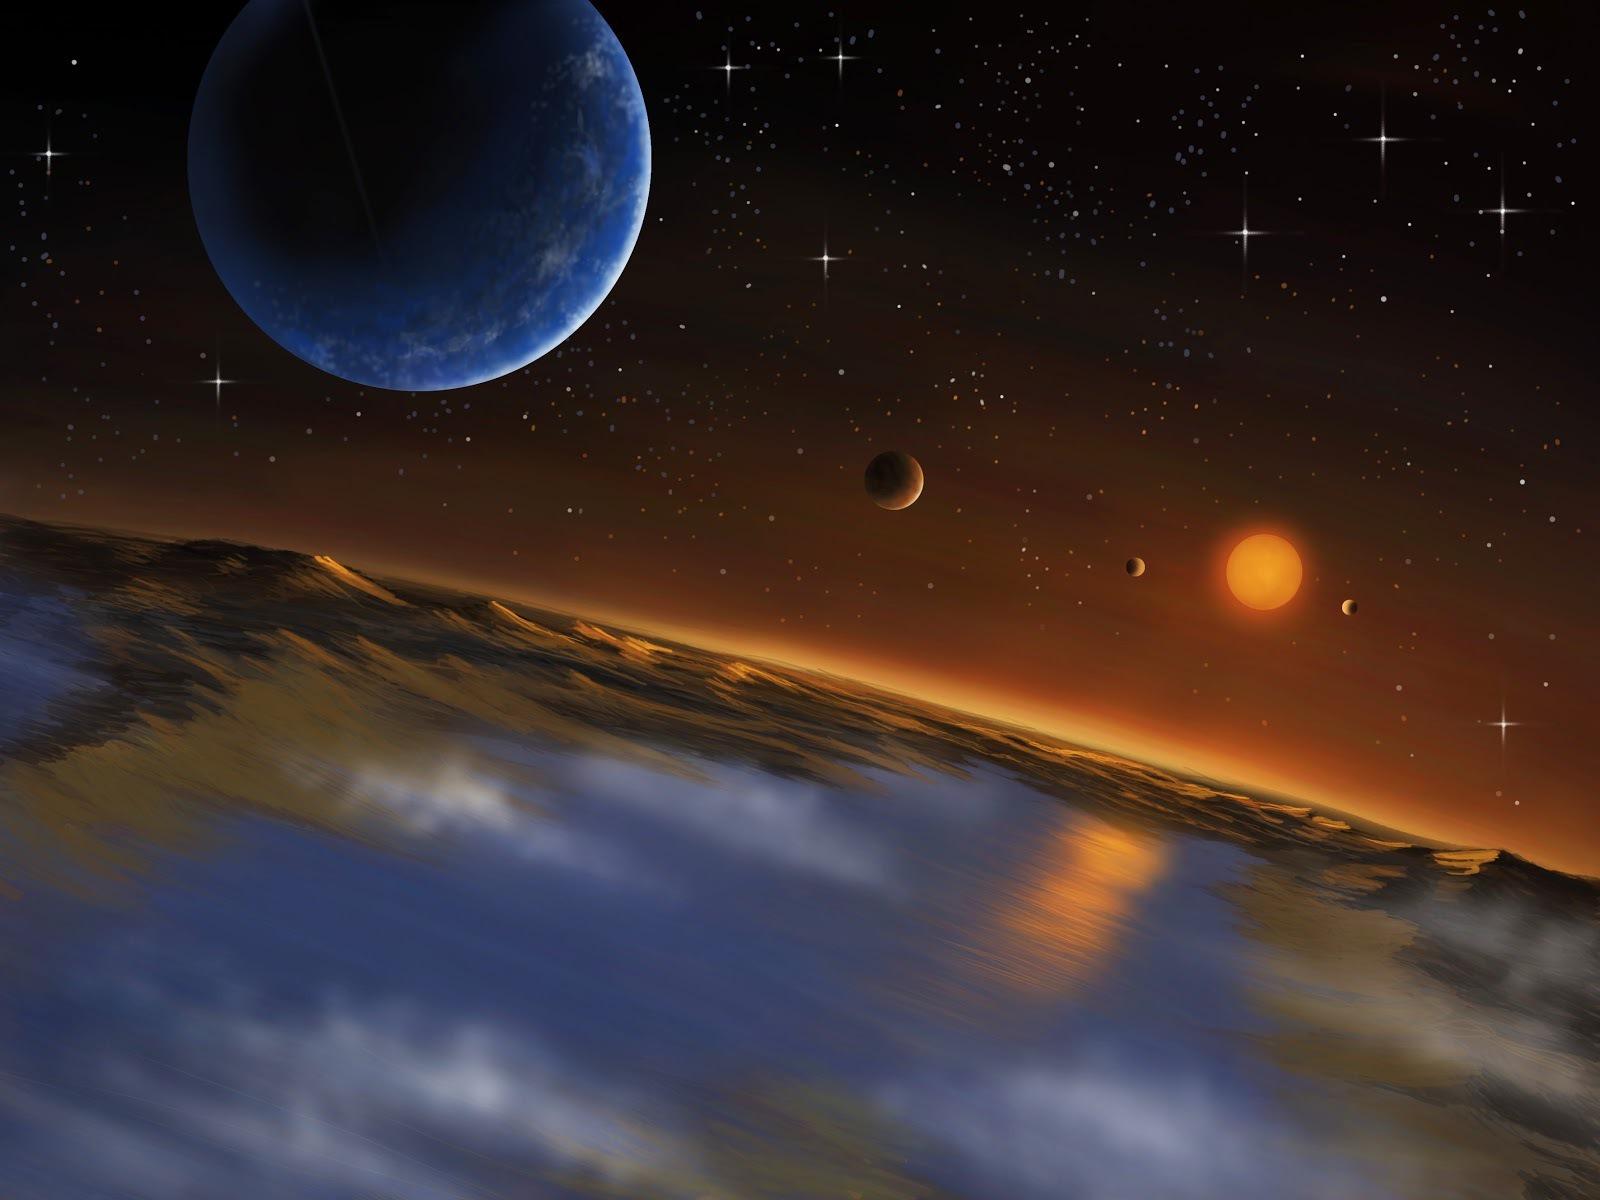 Astrobiologie im 21. Jahrhundert - Werden wir in diesem Jahrhundert außerirdisches Leben nachweisen? @ Observatorium Ludwigshöhe